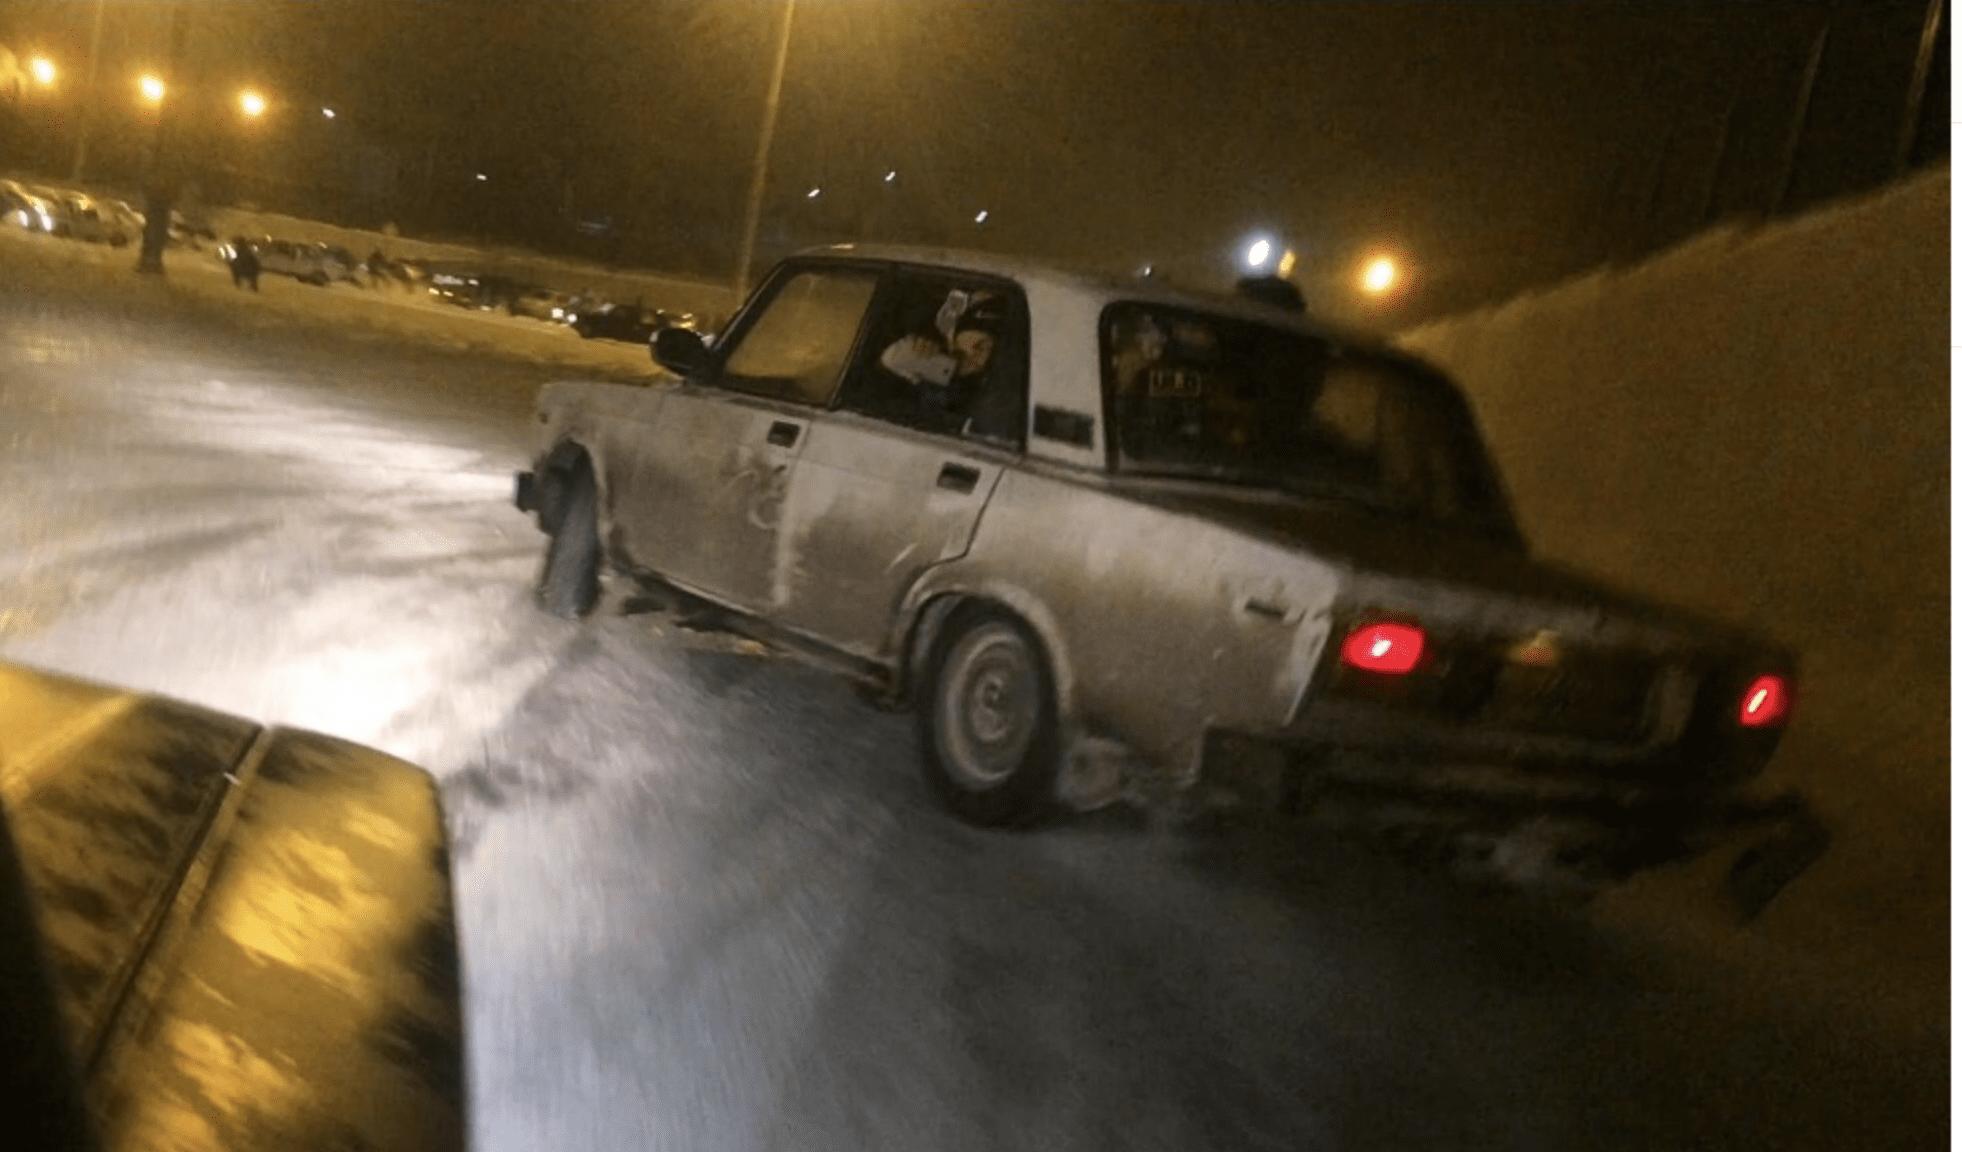 ГИБДД будет выявлять агрессивных водителей с помощью соцсетей